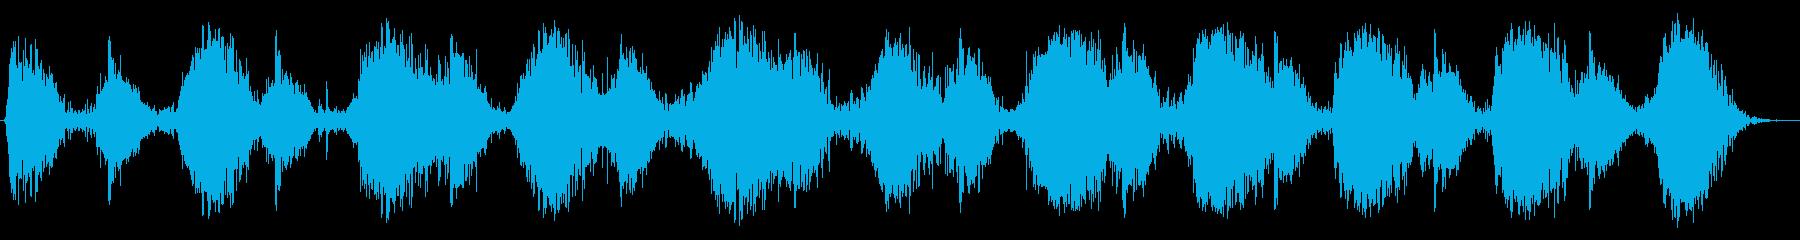 大きなベローズ:ゆっくりと一定のポ...の再生済みの波形